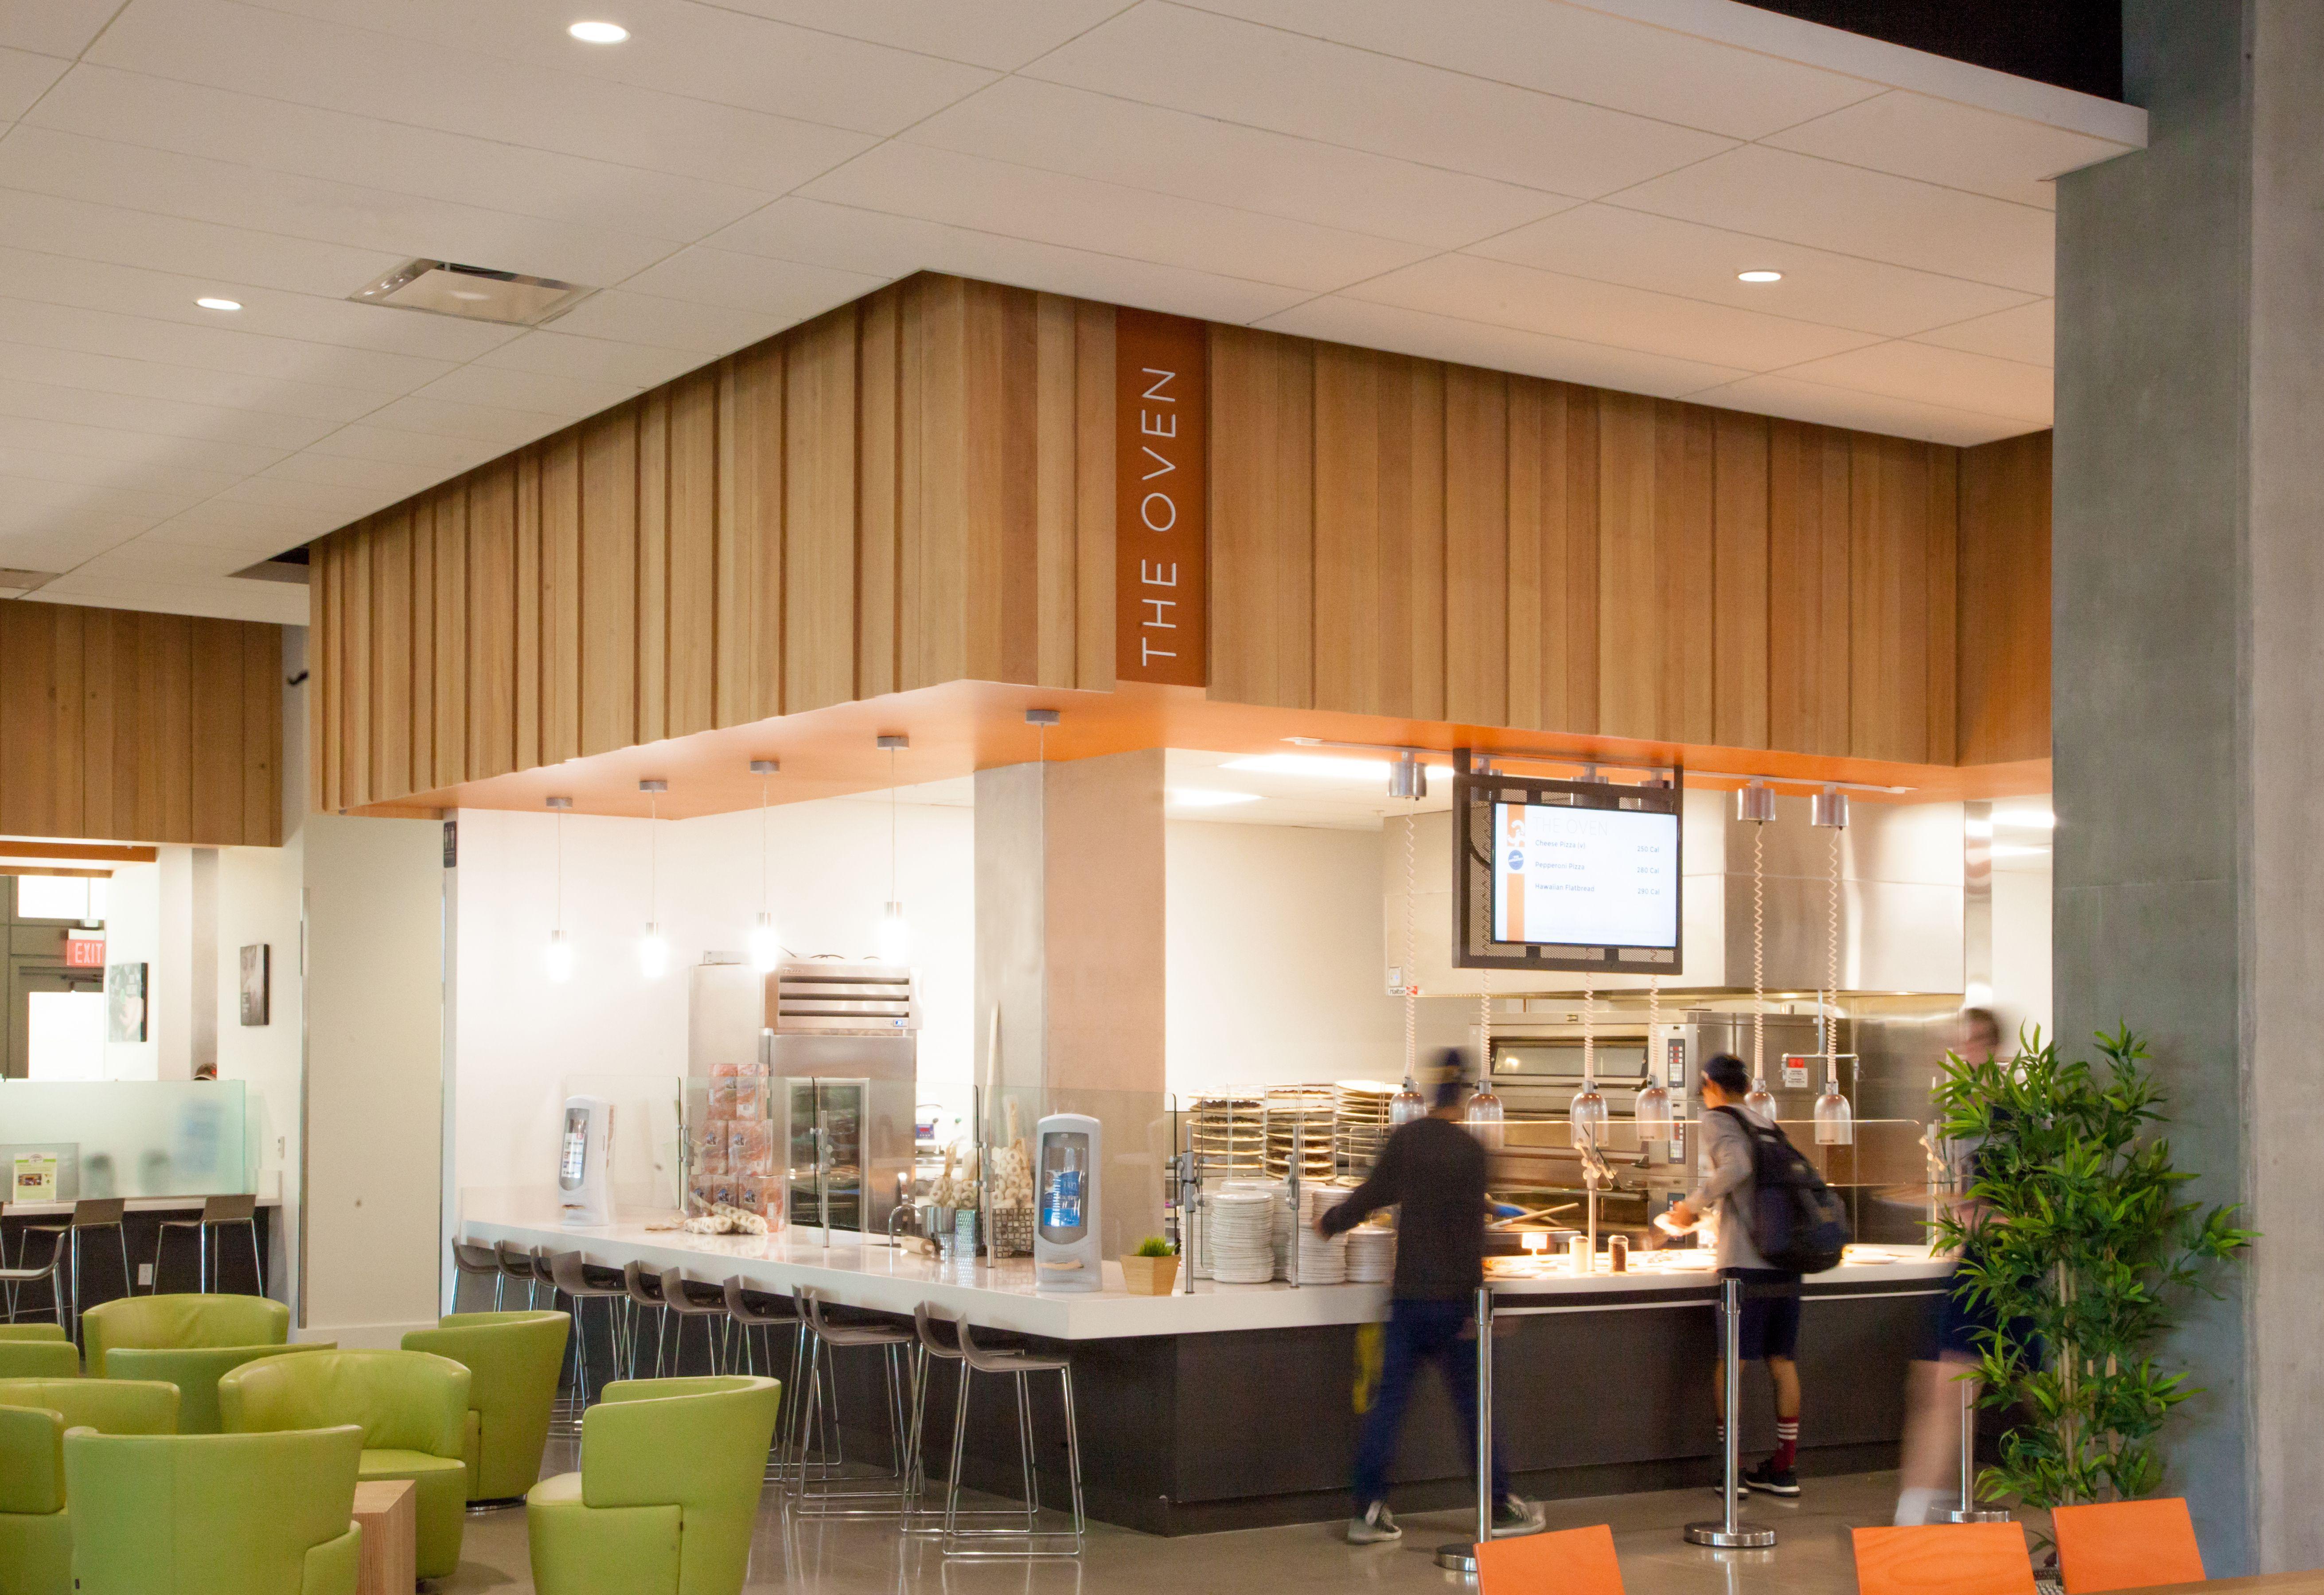 Dining Hall Interior Design For Uc Irvine In Irvine California Hall Interior Design Hall Interior Interior Architecture Design